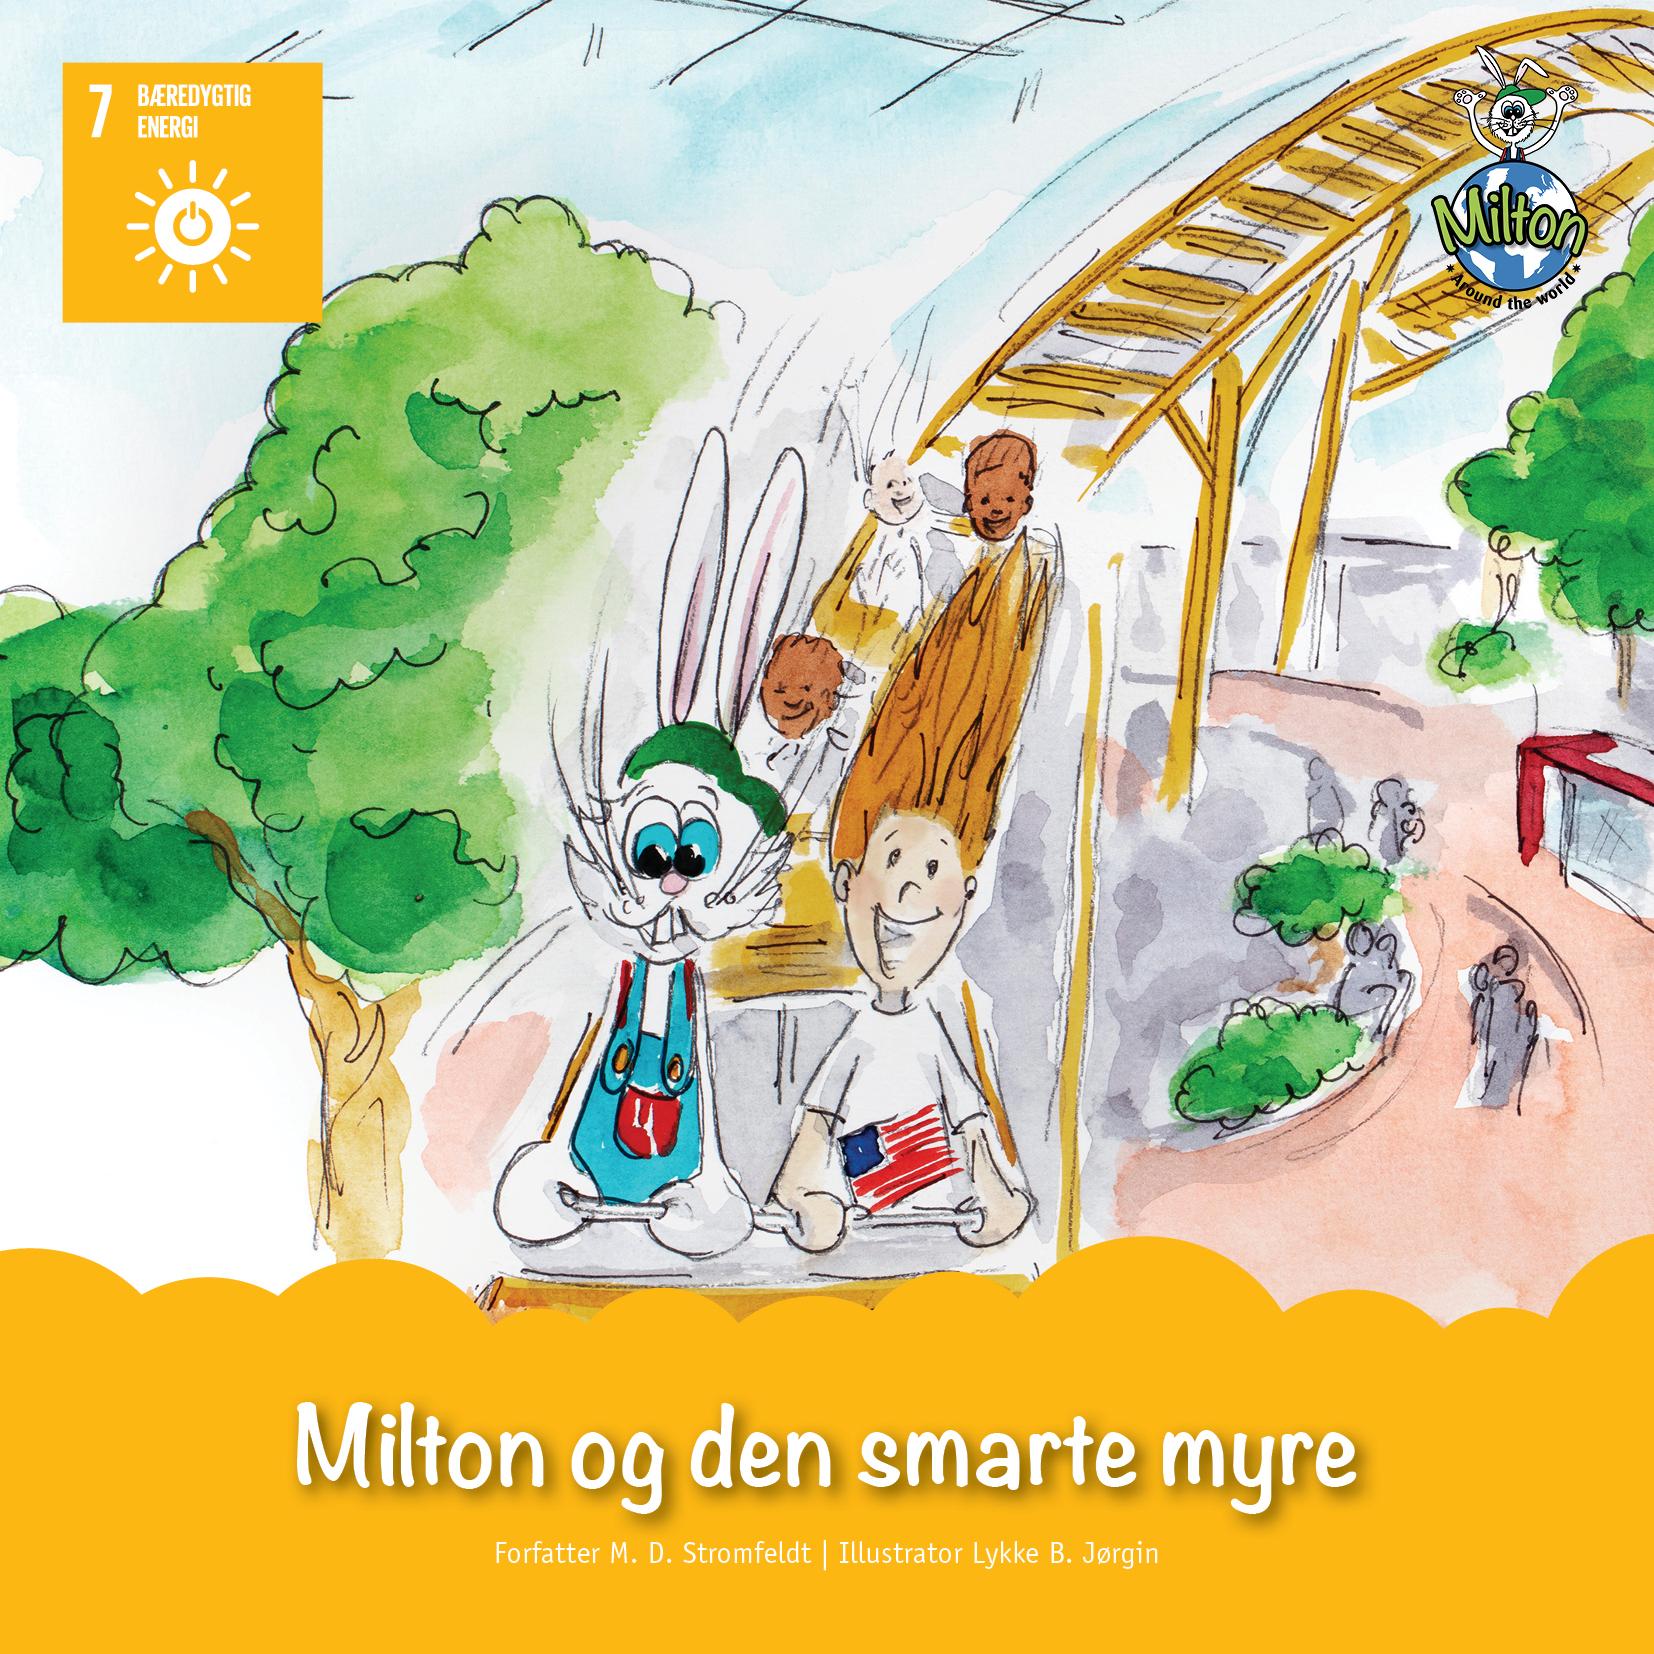 Milton og den smarte myre